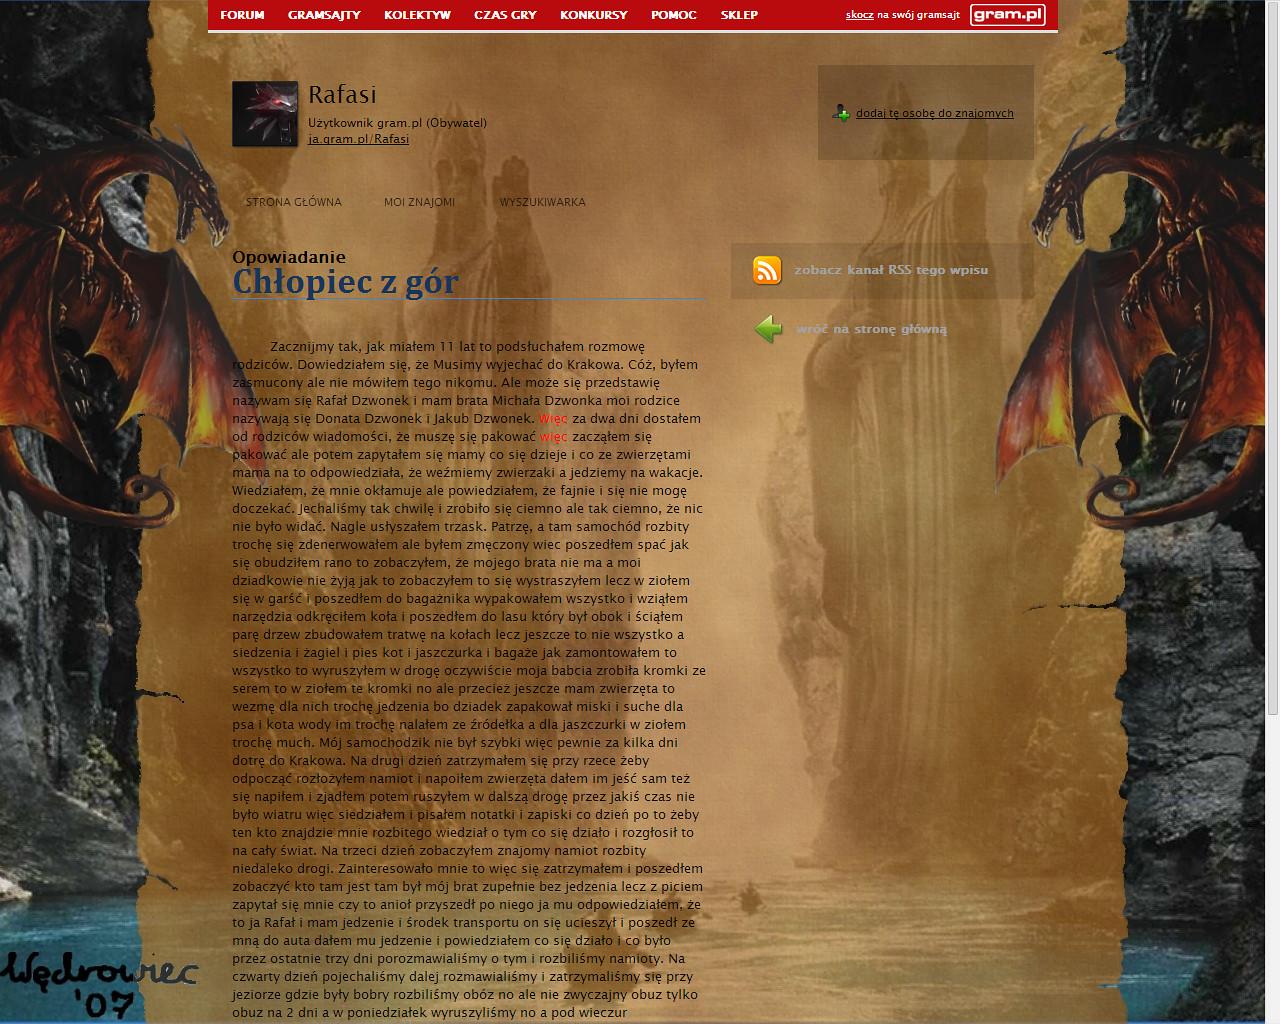 Co w gramsajtach piszczy #86 - What does the Snake say? - obrazek 4